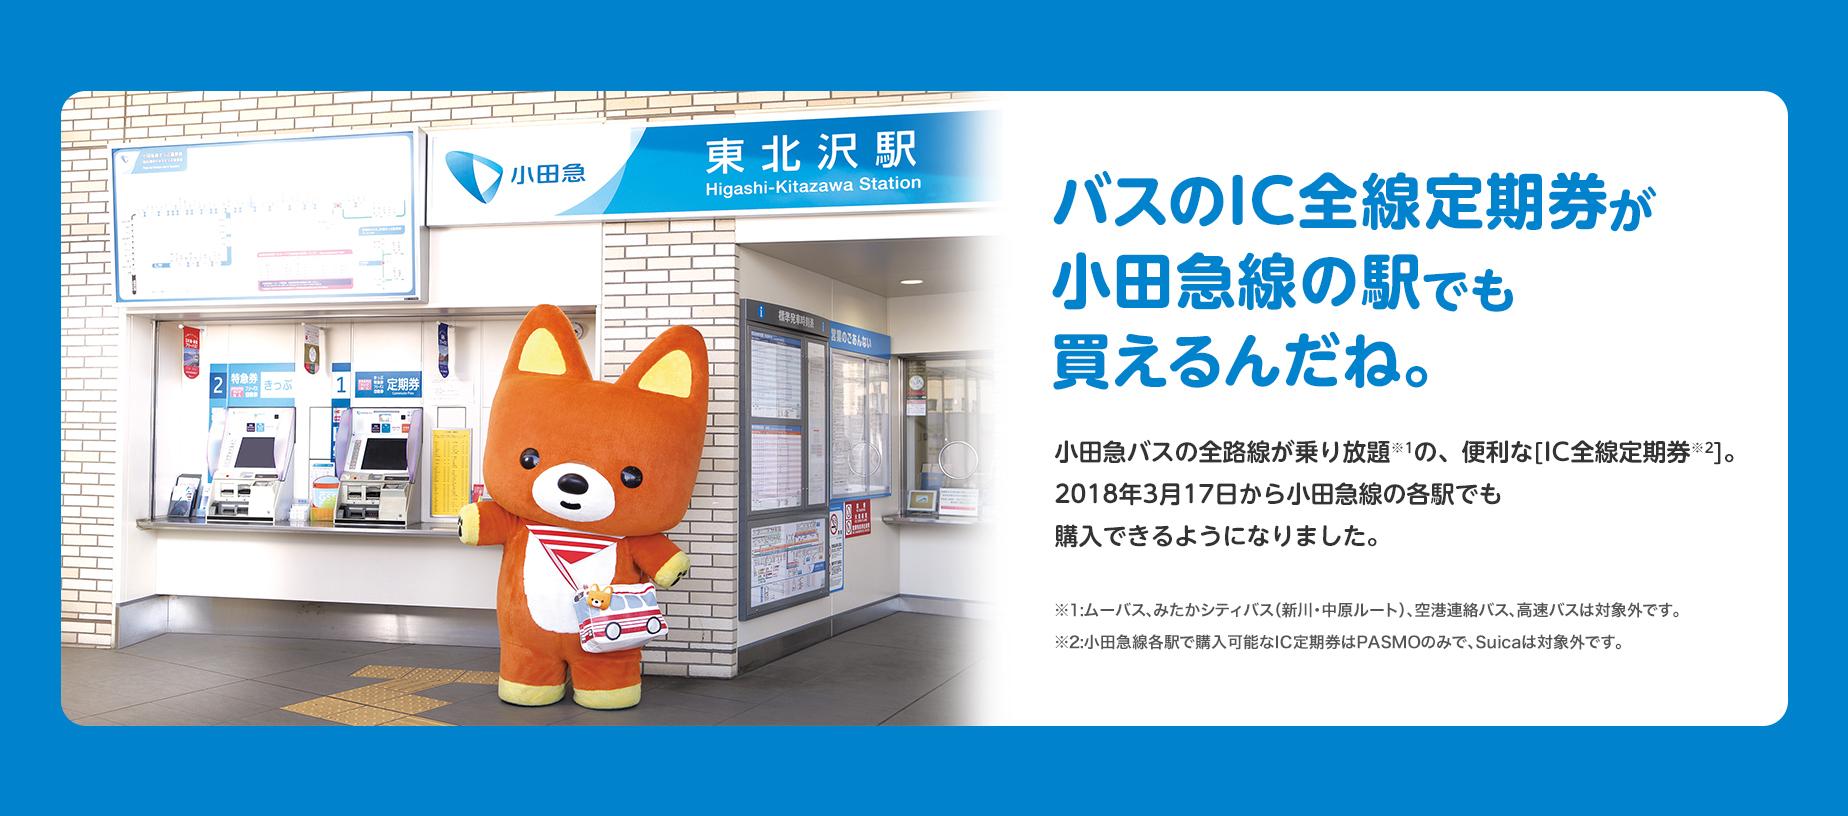 https://www.odakyubus.co.jp/images/home_img_slideshow_12.jpg